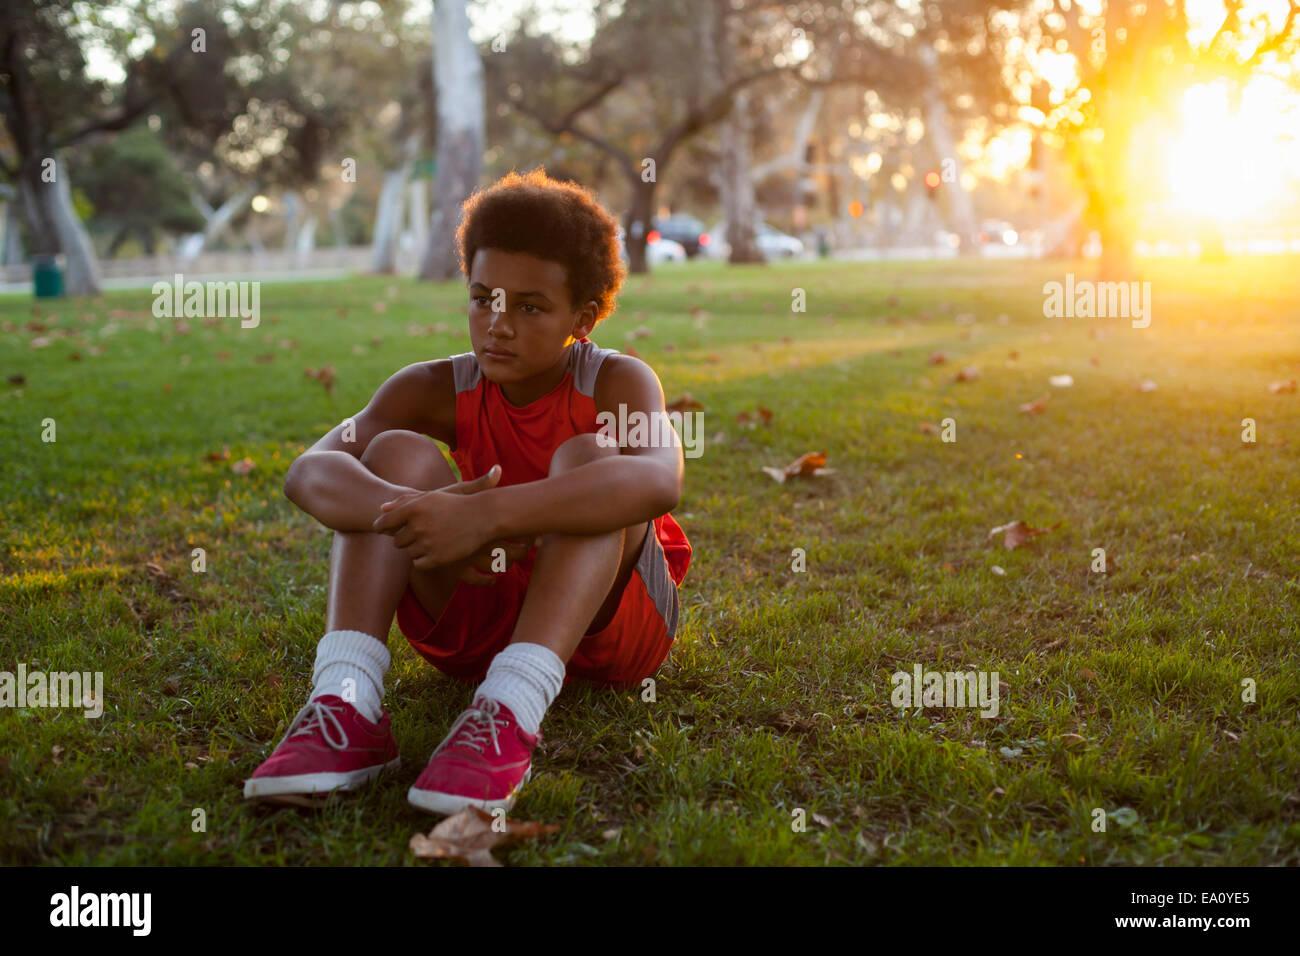 Triste à la garçon dans le parc Photo Stock